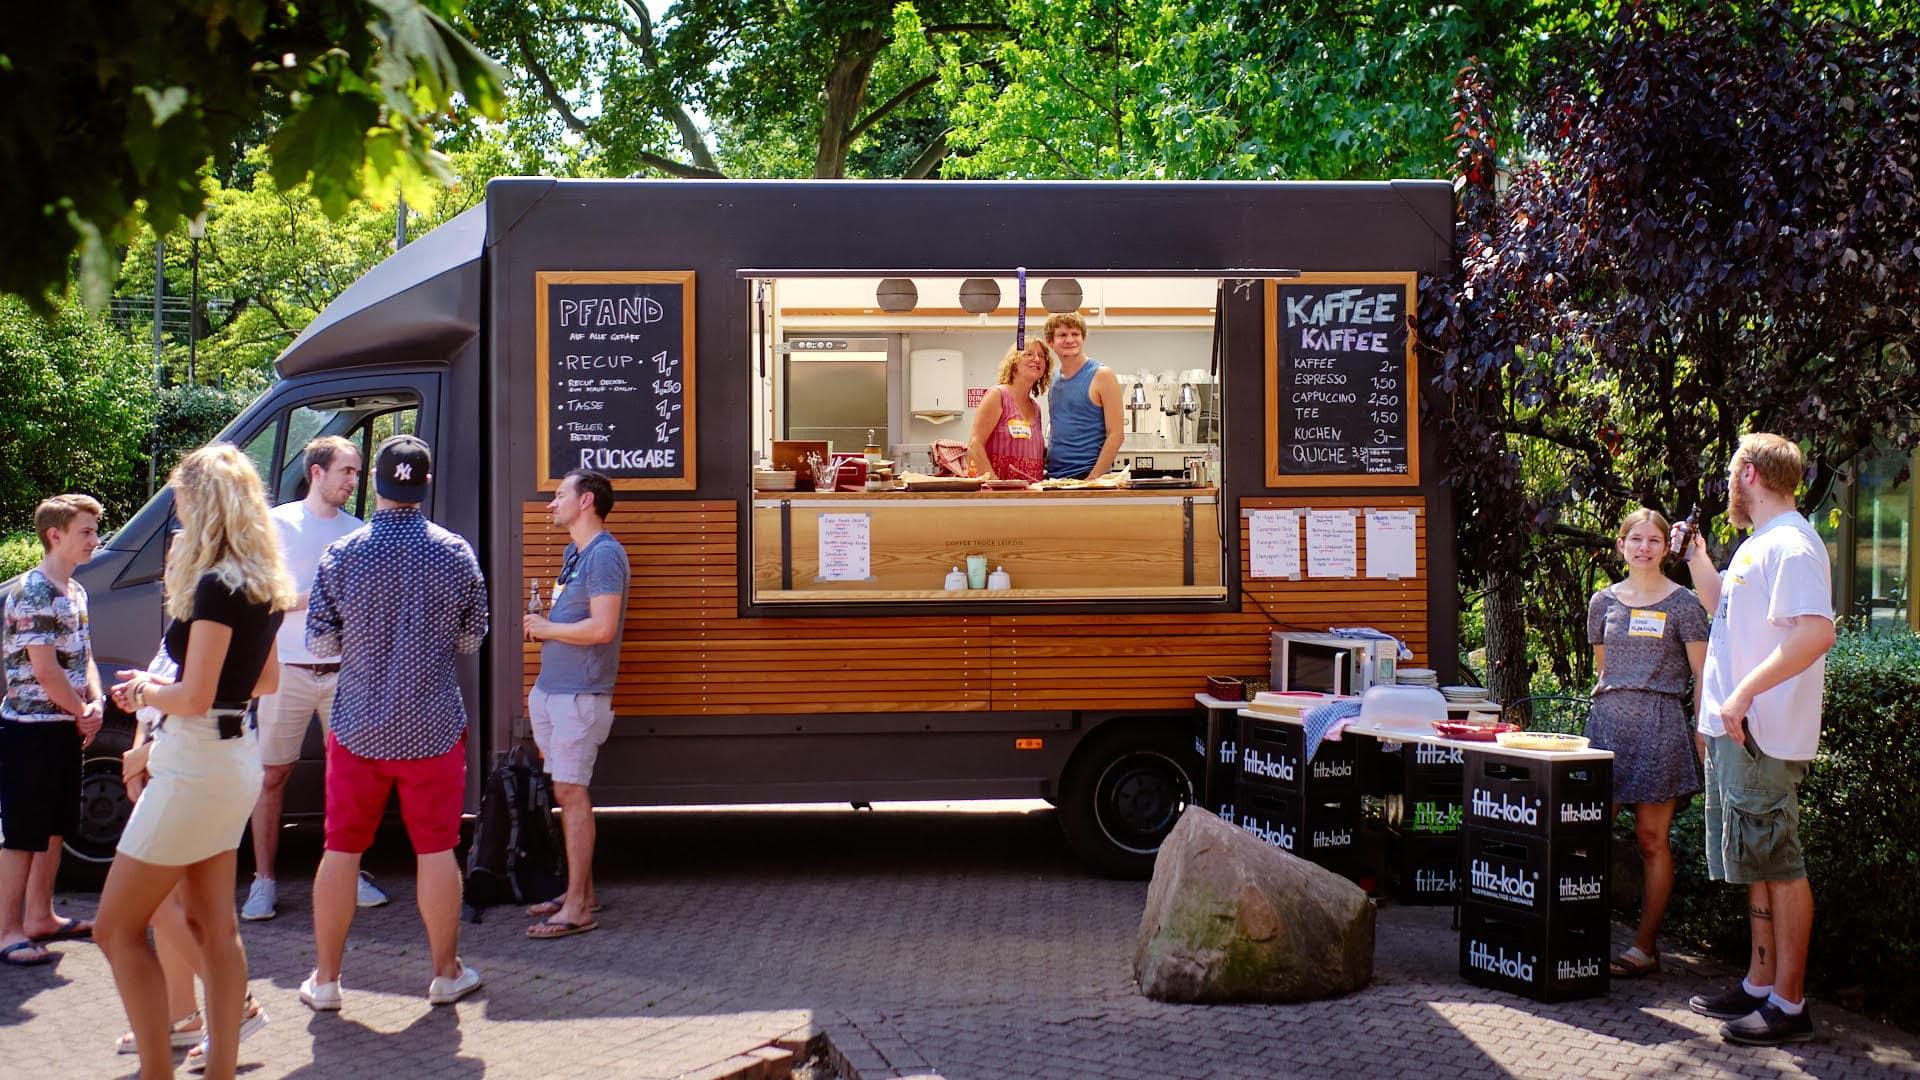 Der KaffeeKaffee Truck in Heidelberg